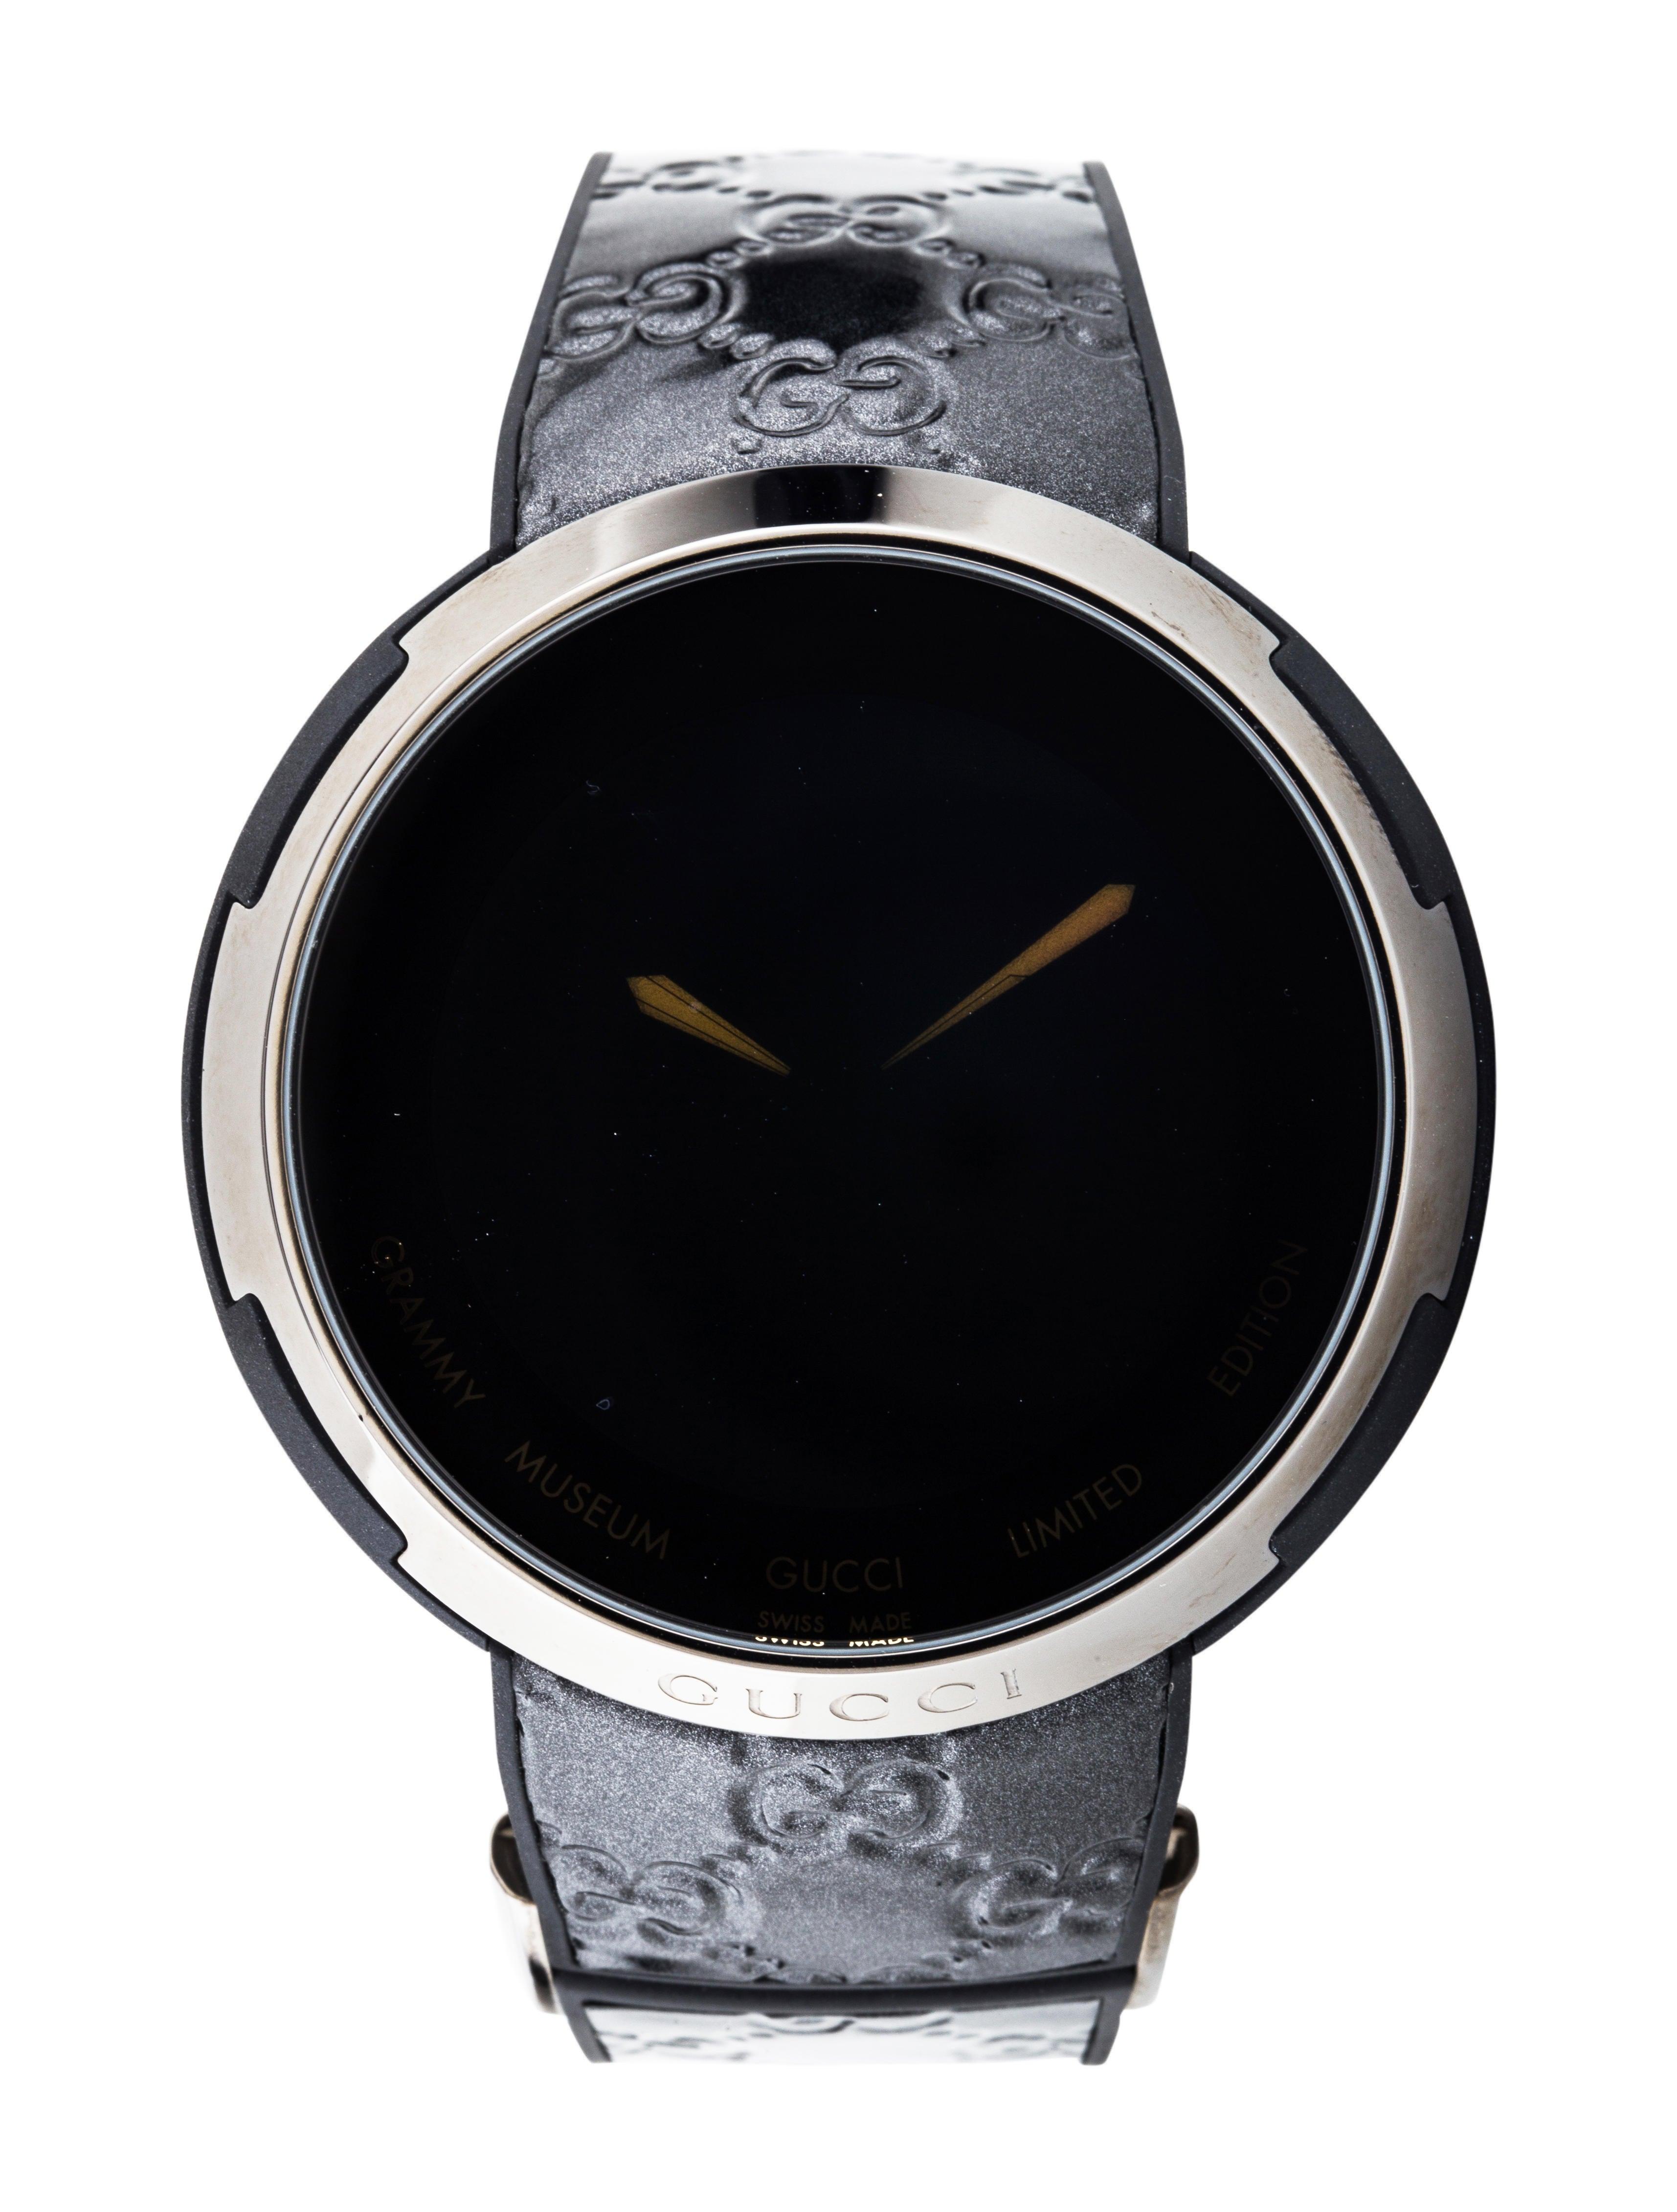 40e227d5018 Gucci I-Gucci Grammy Edition Watch - Strap - GUC238746